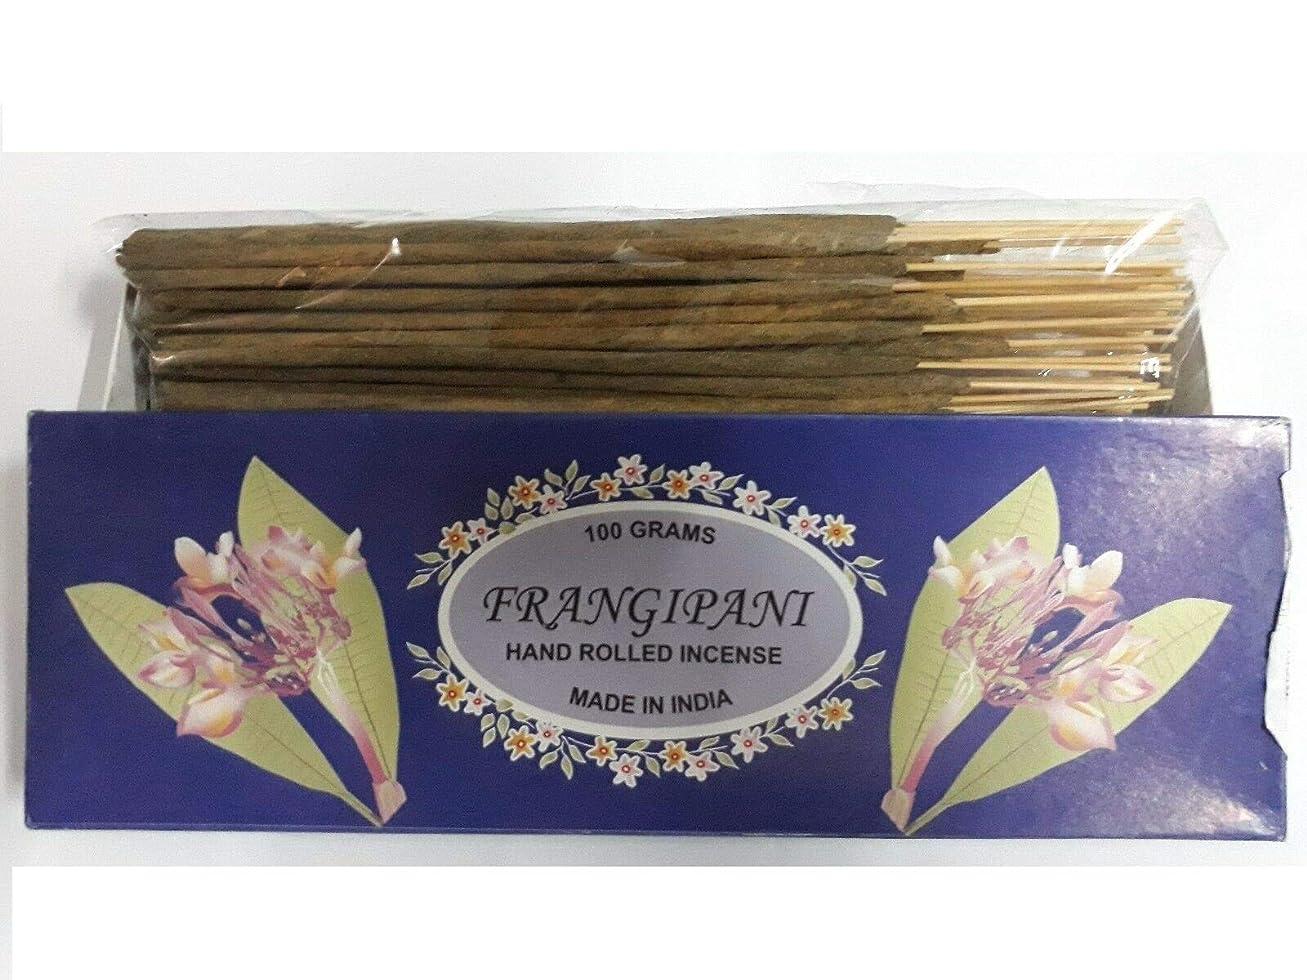 バウンスキッチン賠償Frangipani フランジパニ Agarbatti Incense Sticks 線香 100 grams Hand Rolled Incense